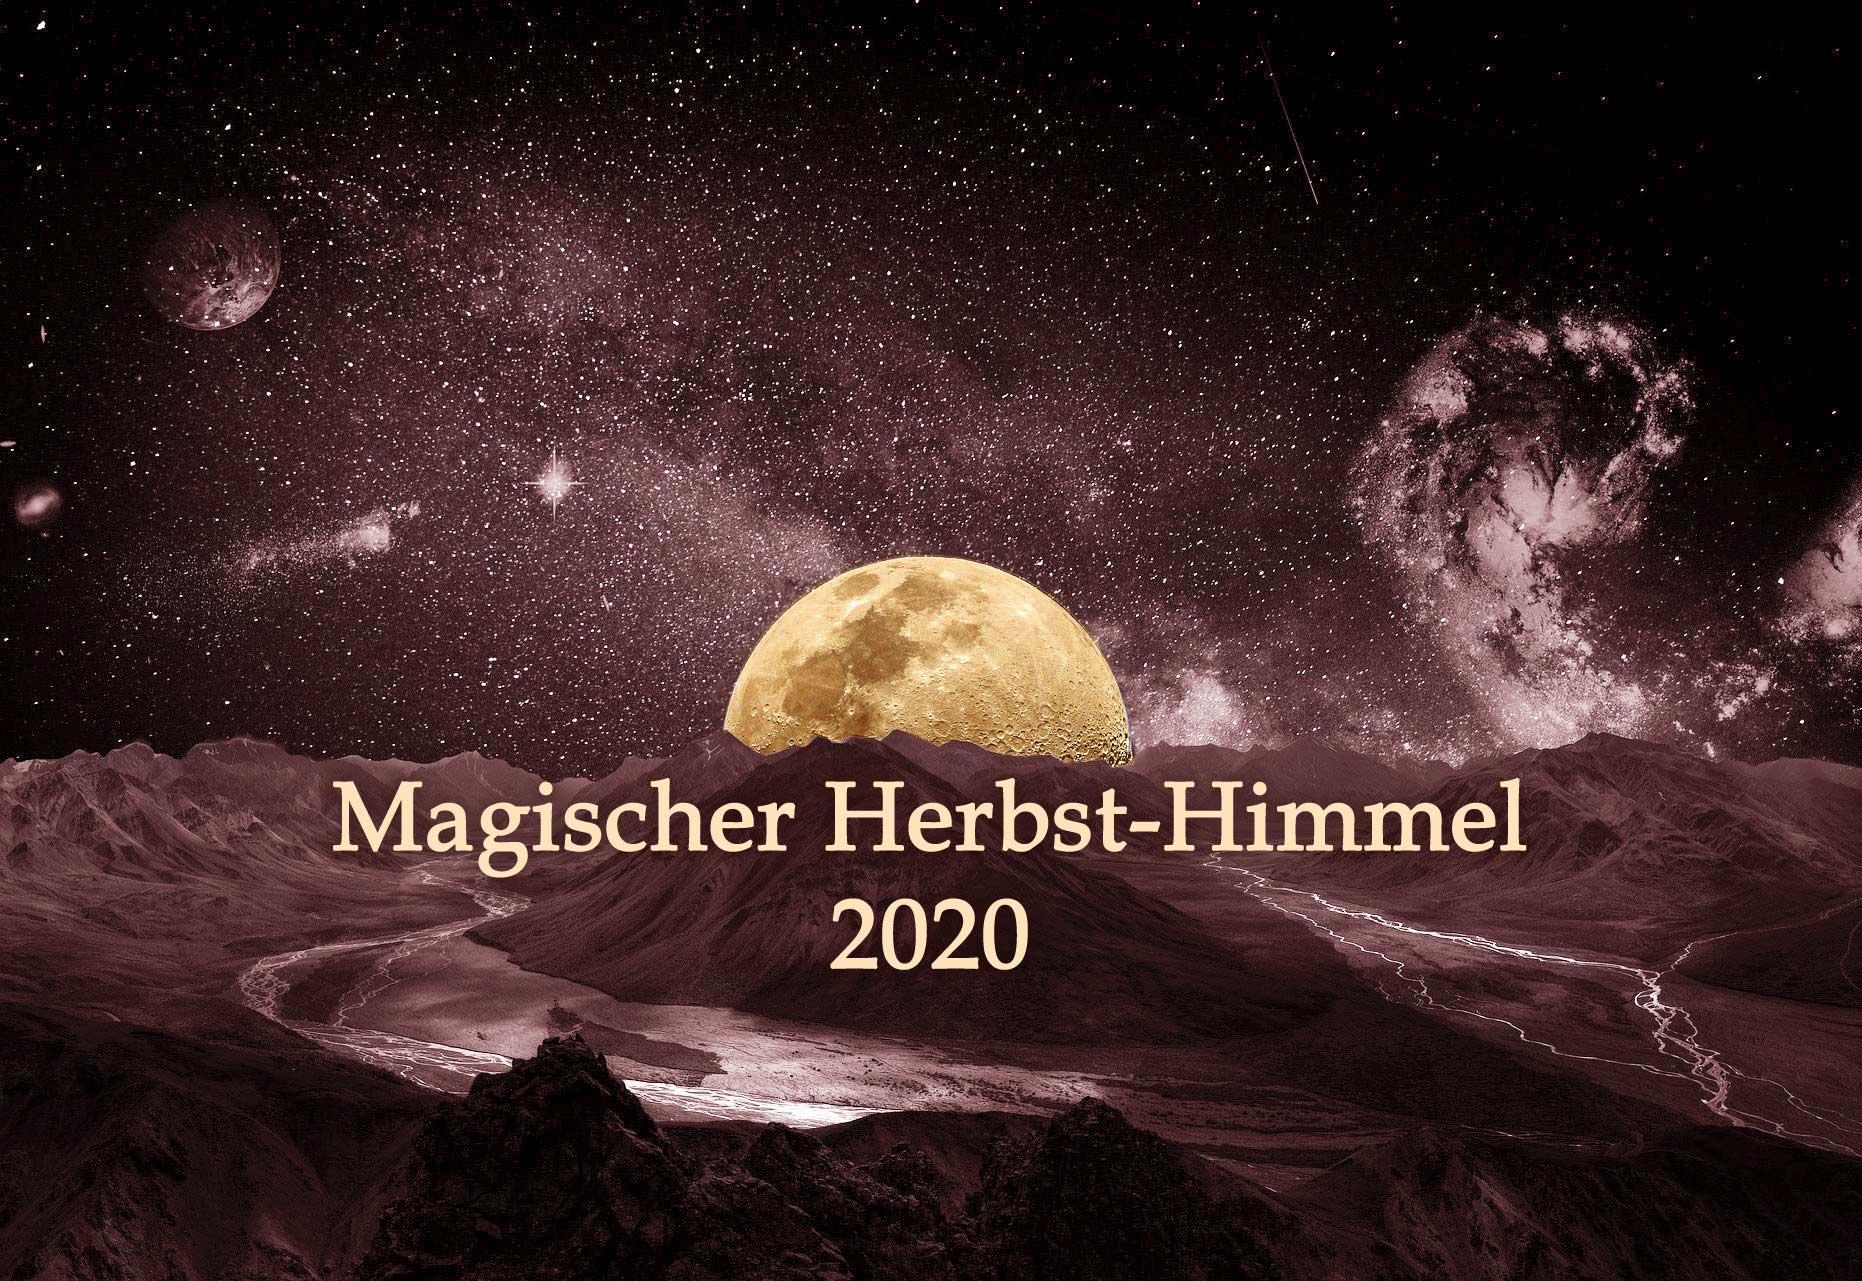 Magischer Herbst-Himmel 2020